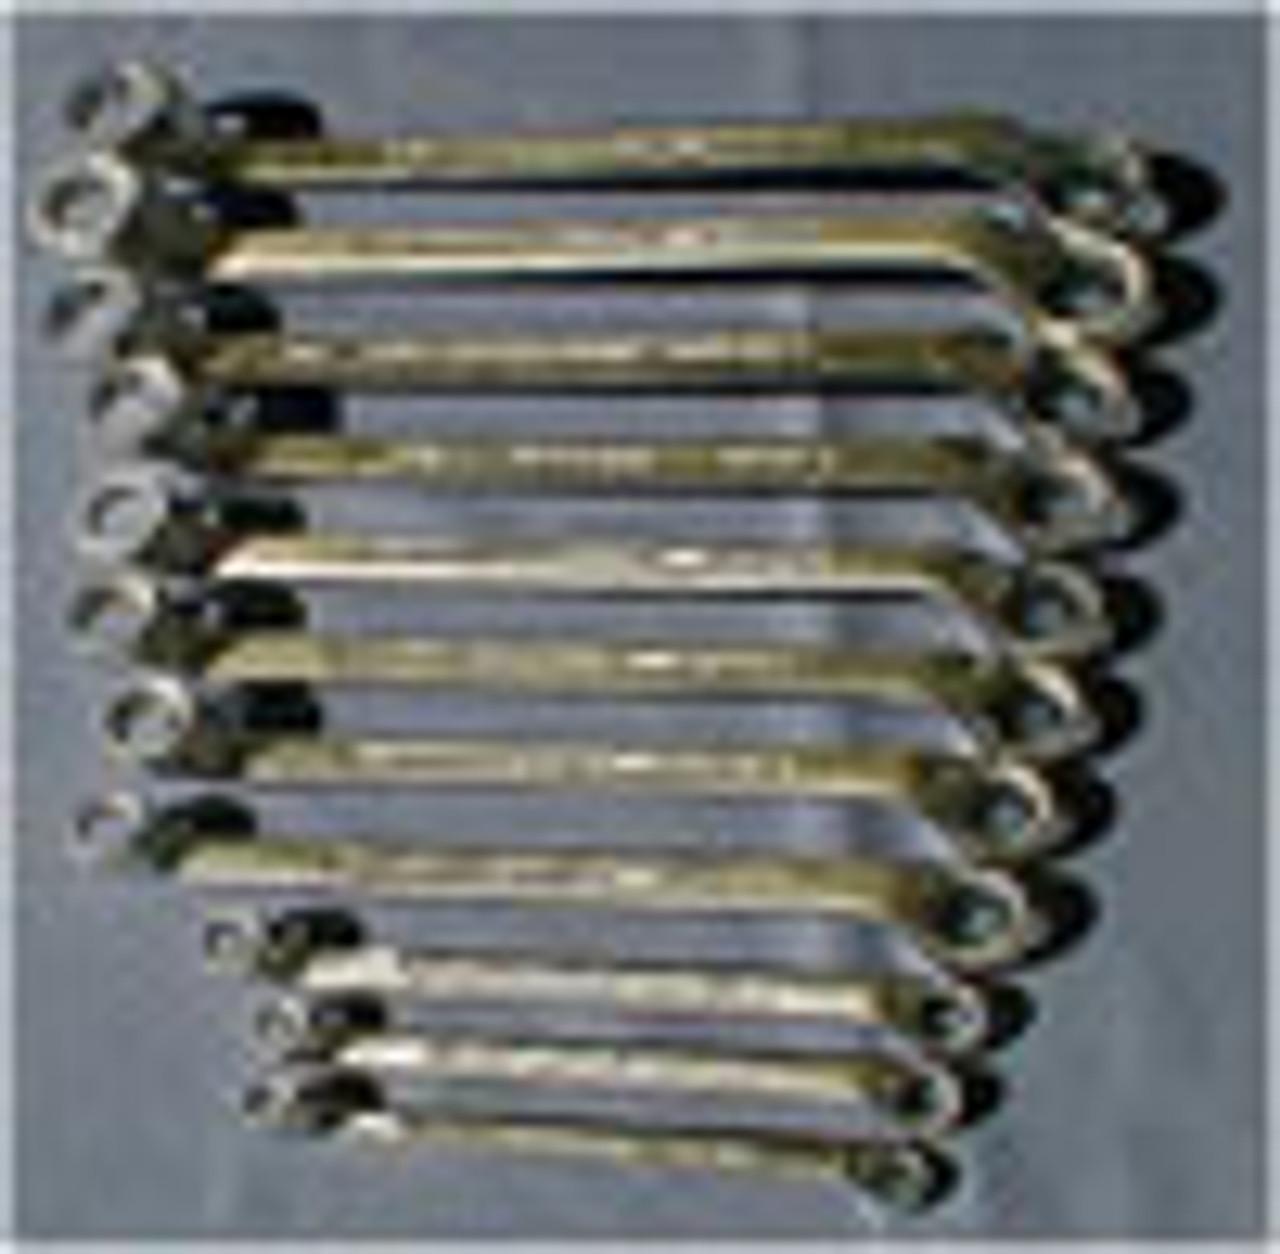 Everest Offset Ring Spanner Bihex Whitworth 11 piece Set - (ER13)